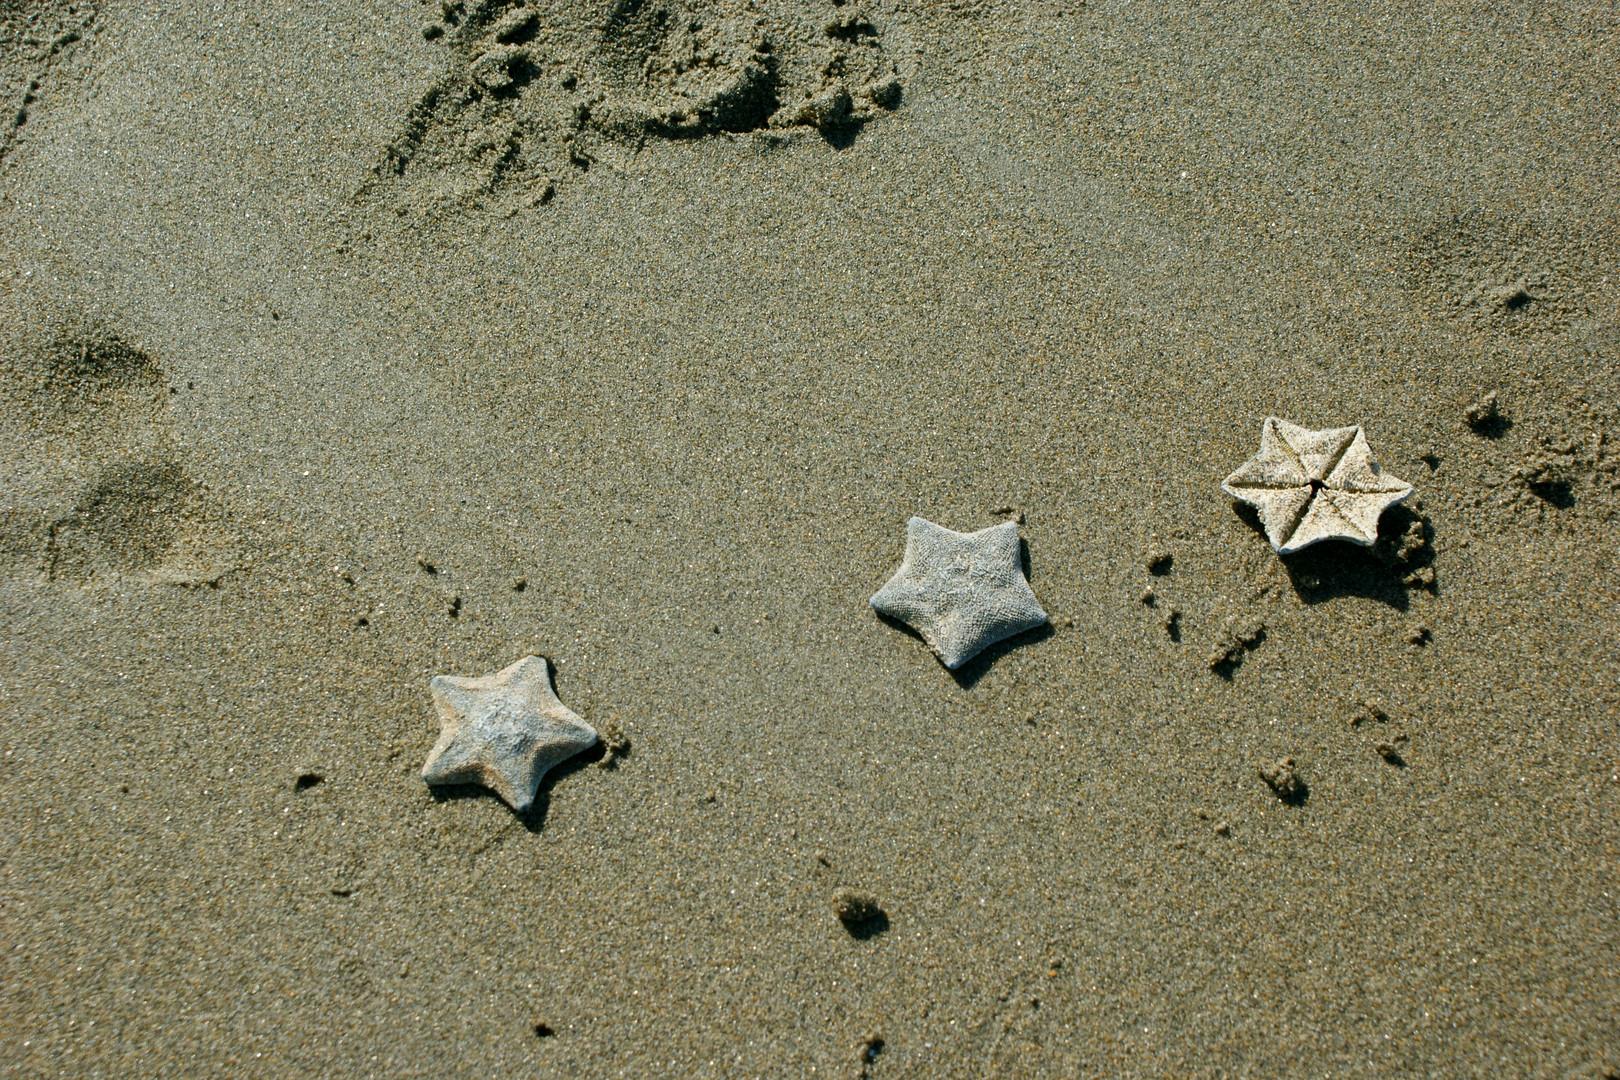 Etoiles se baladant sur la plage...